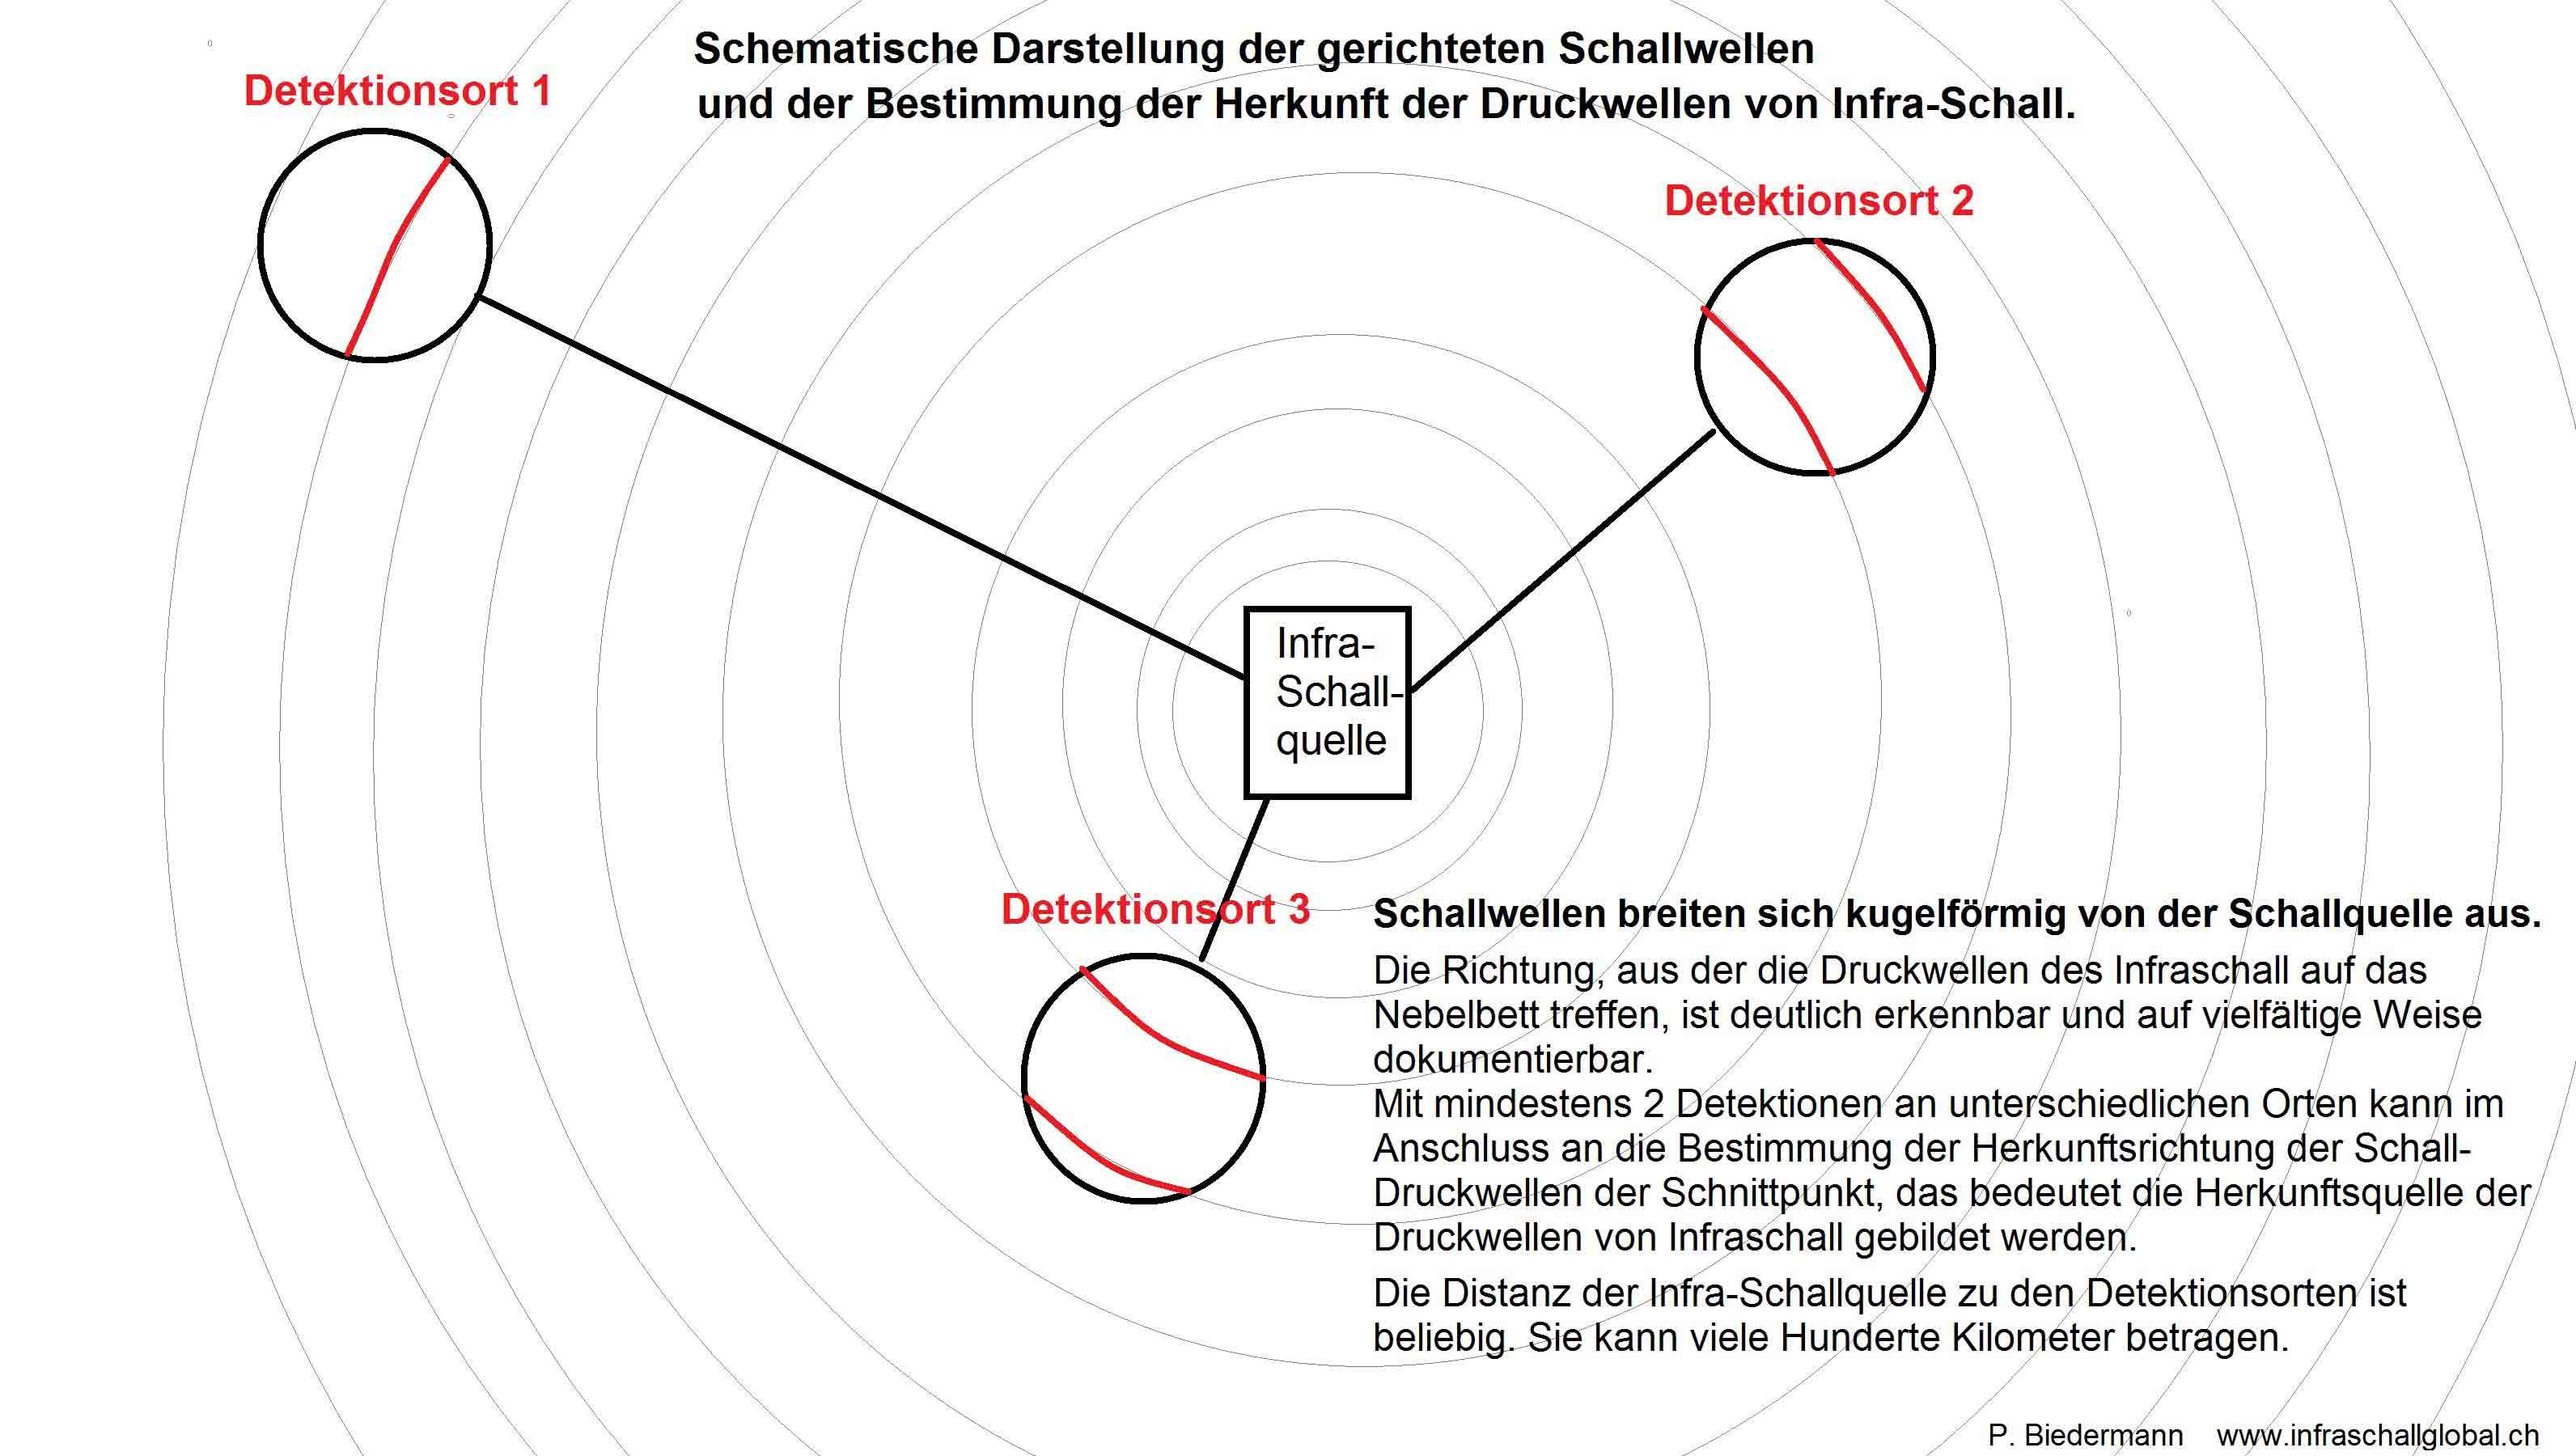 Ausgezeichnet Kabelbaumdiagramm Von Clarion M3170 Ideen ...